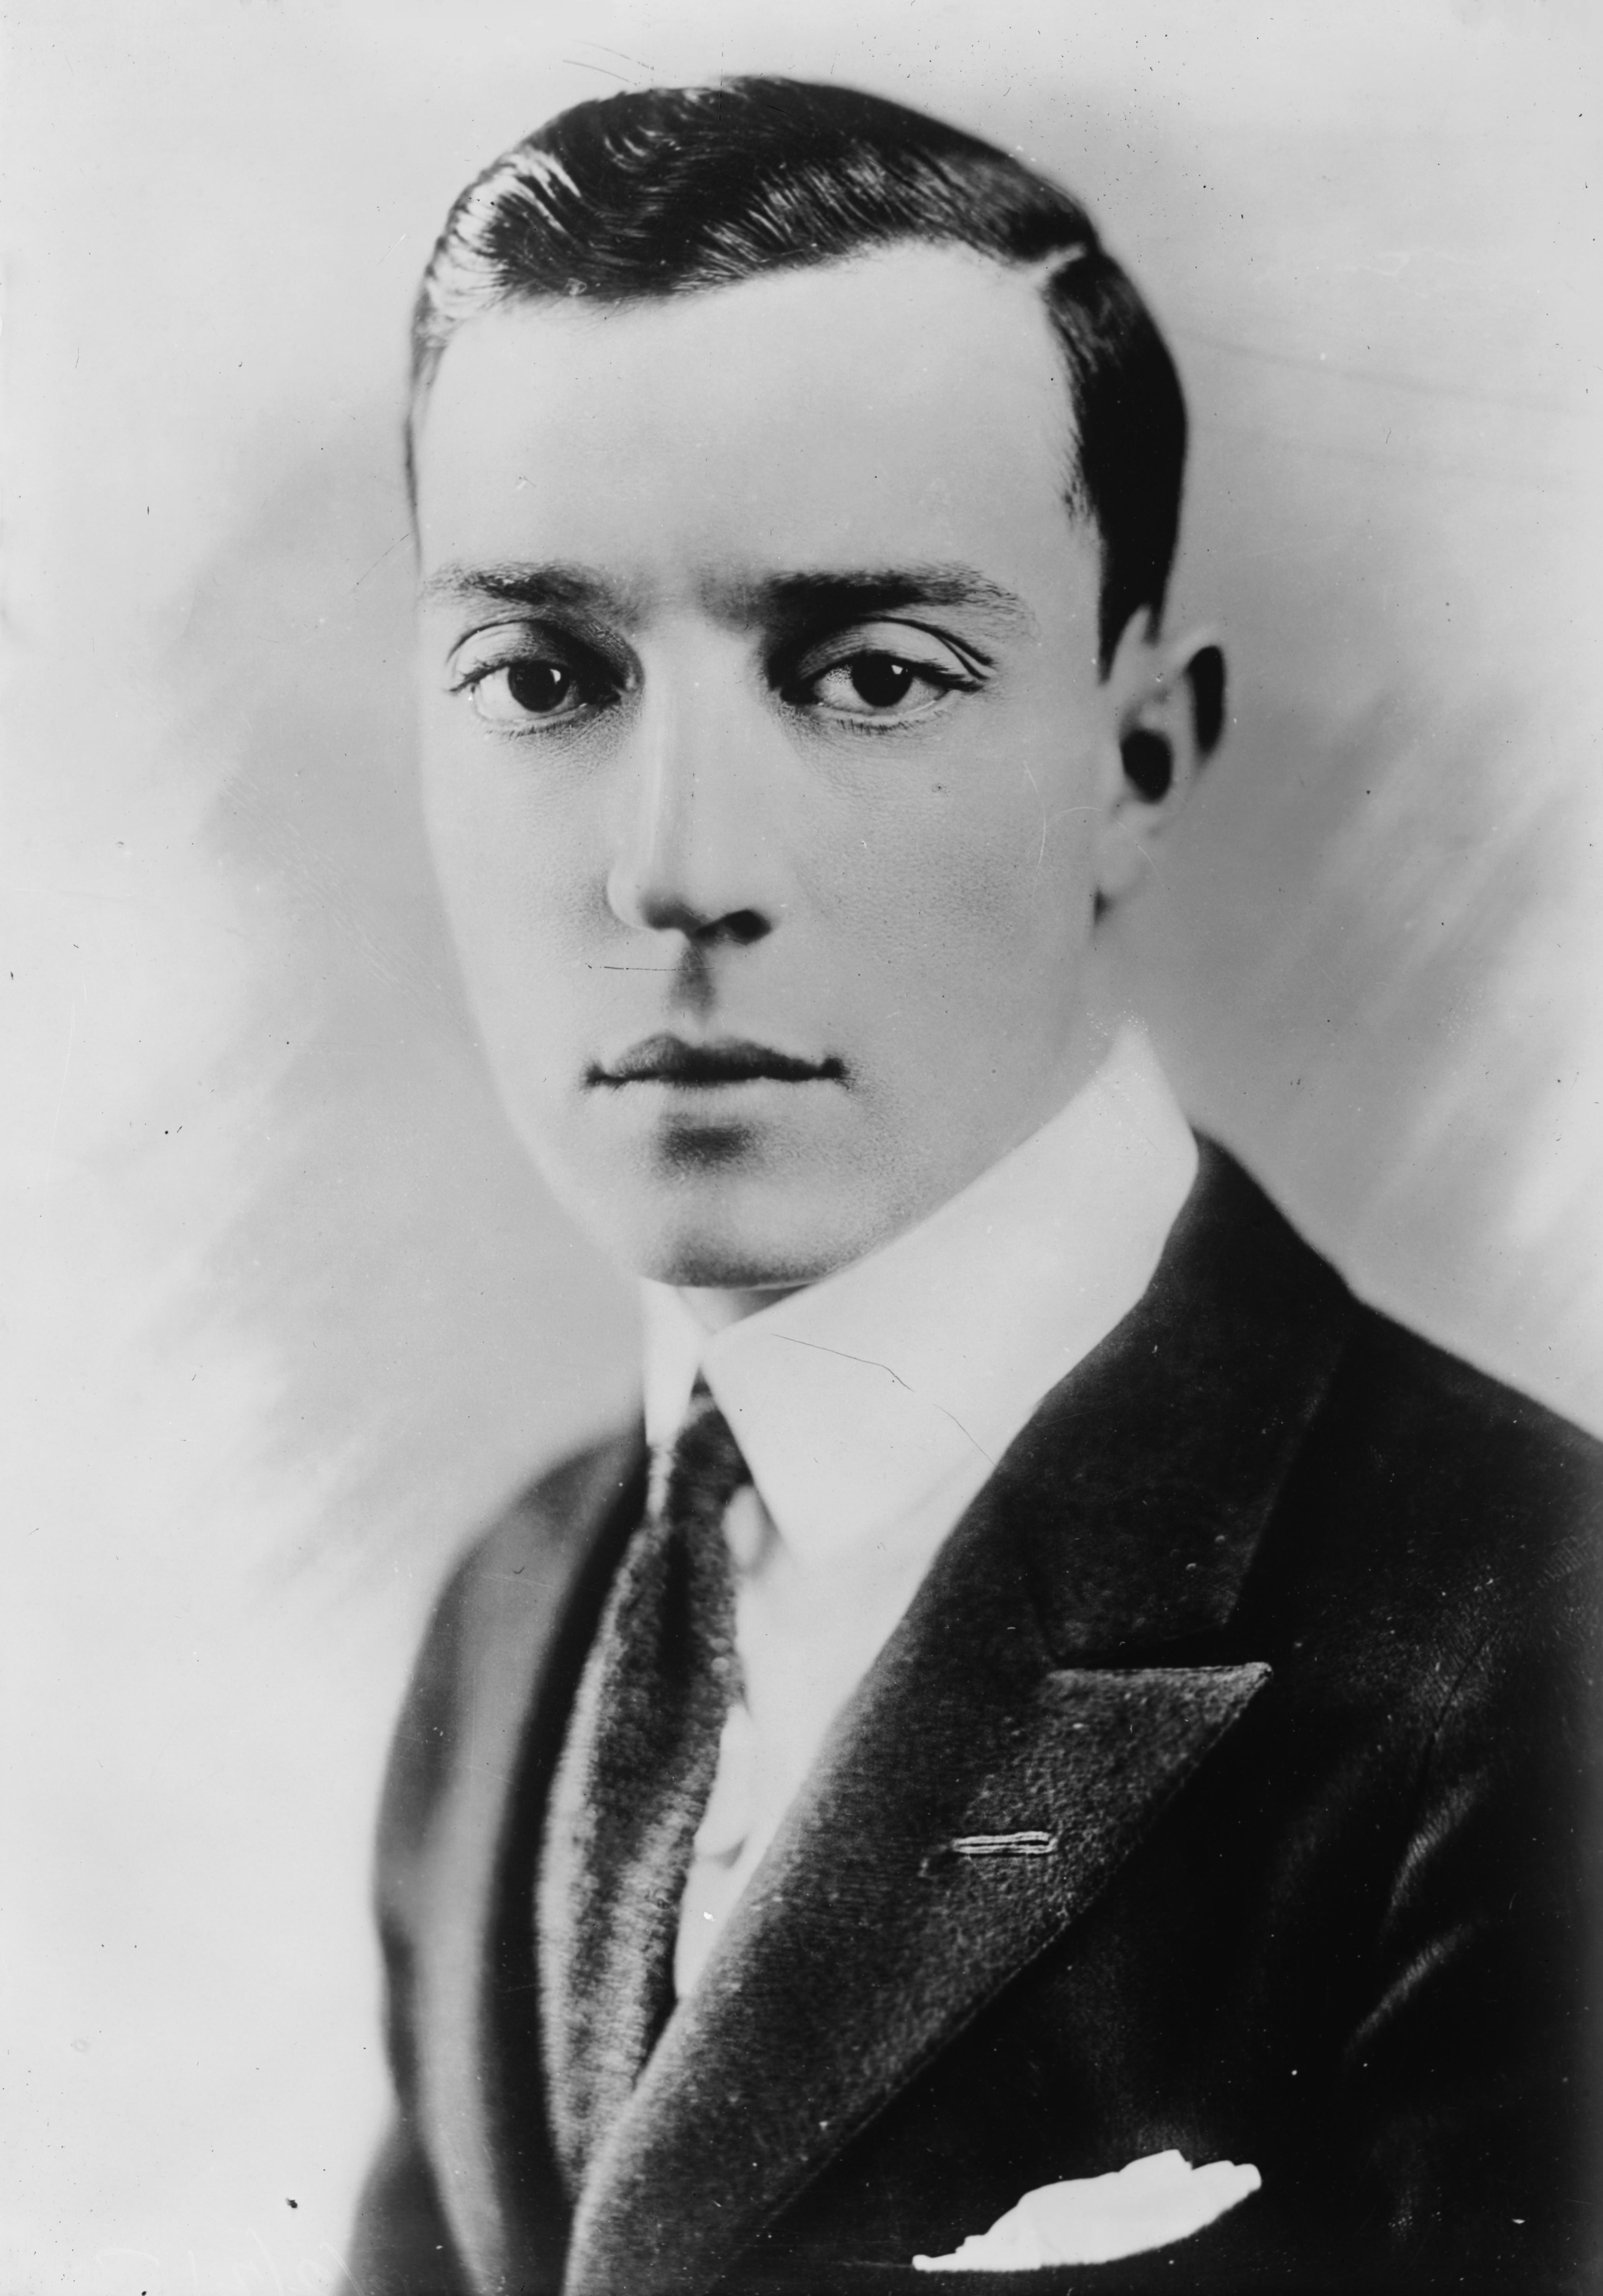 Joseph Buster Keaton